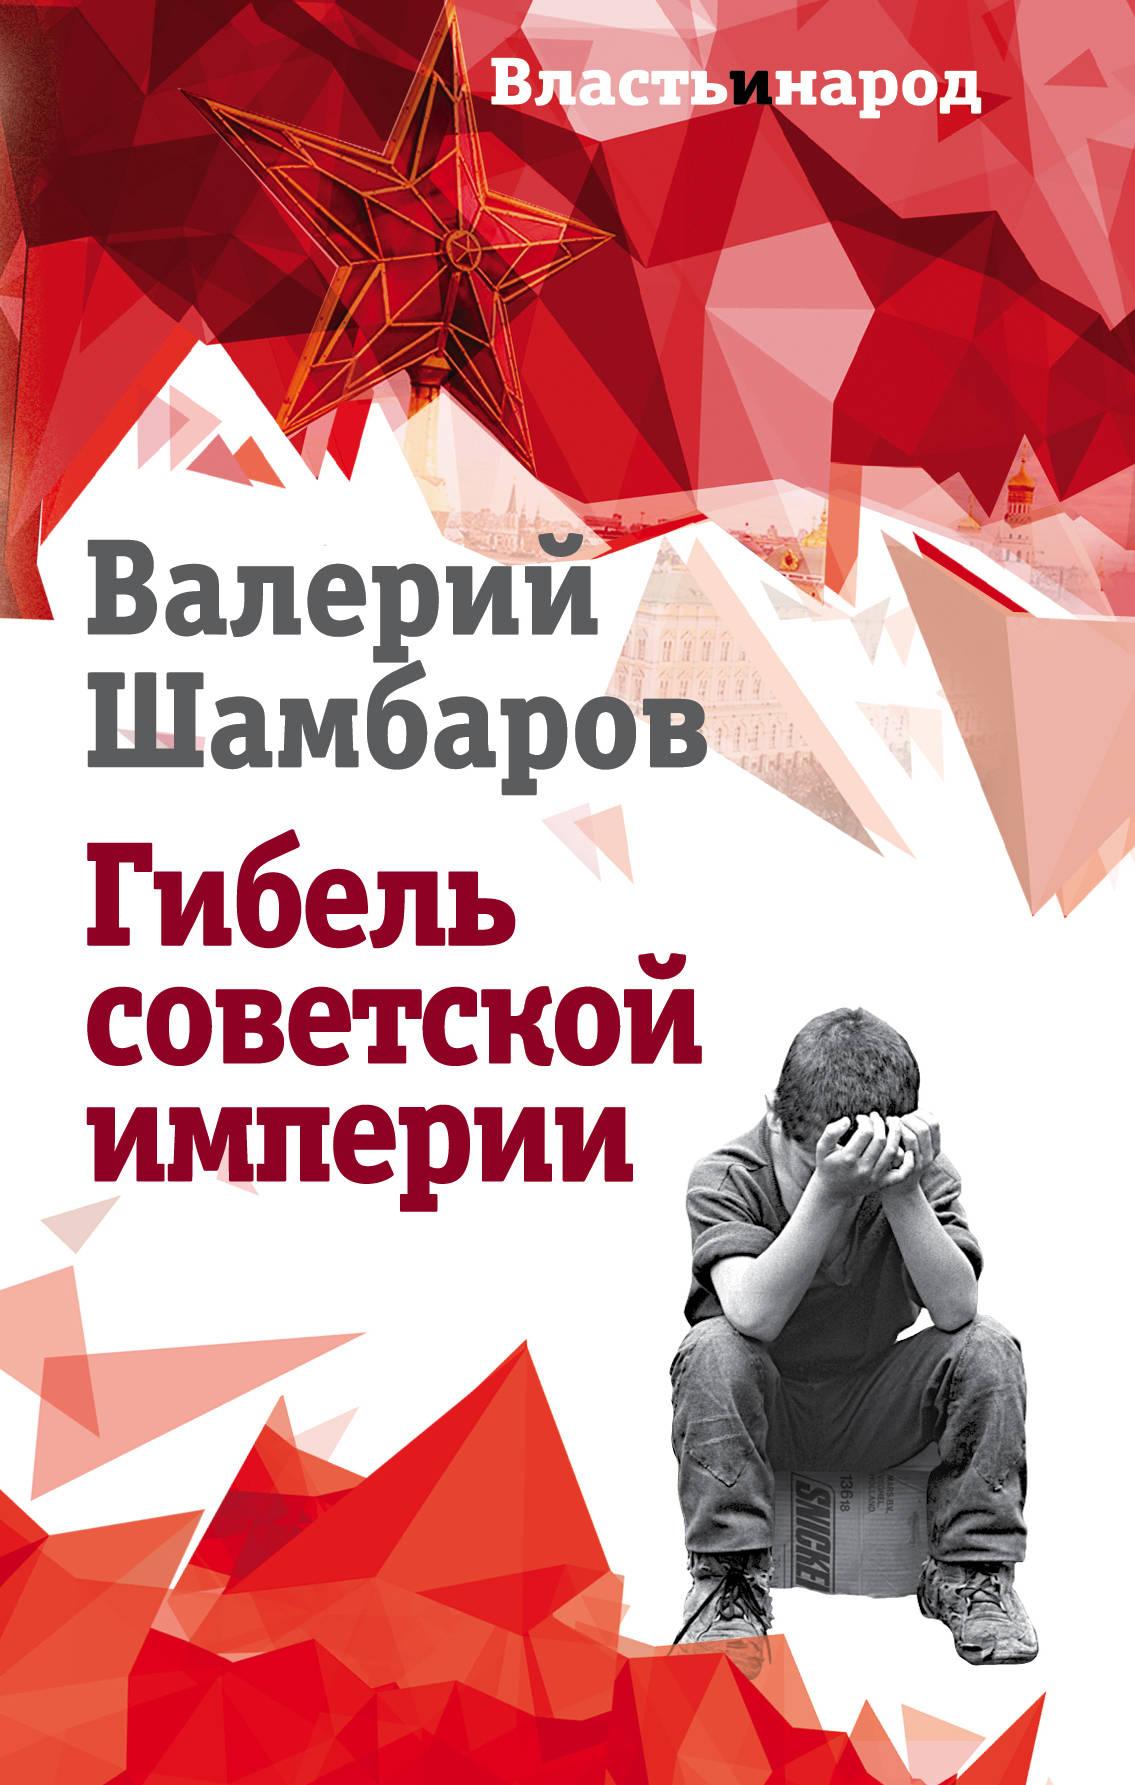 В. Е. Шамбаров Гибель советской империи